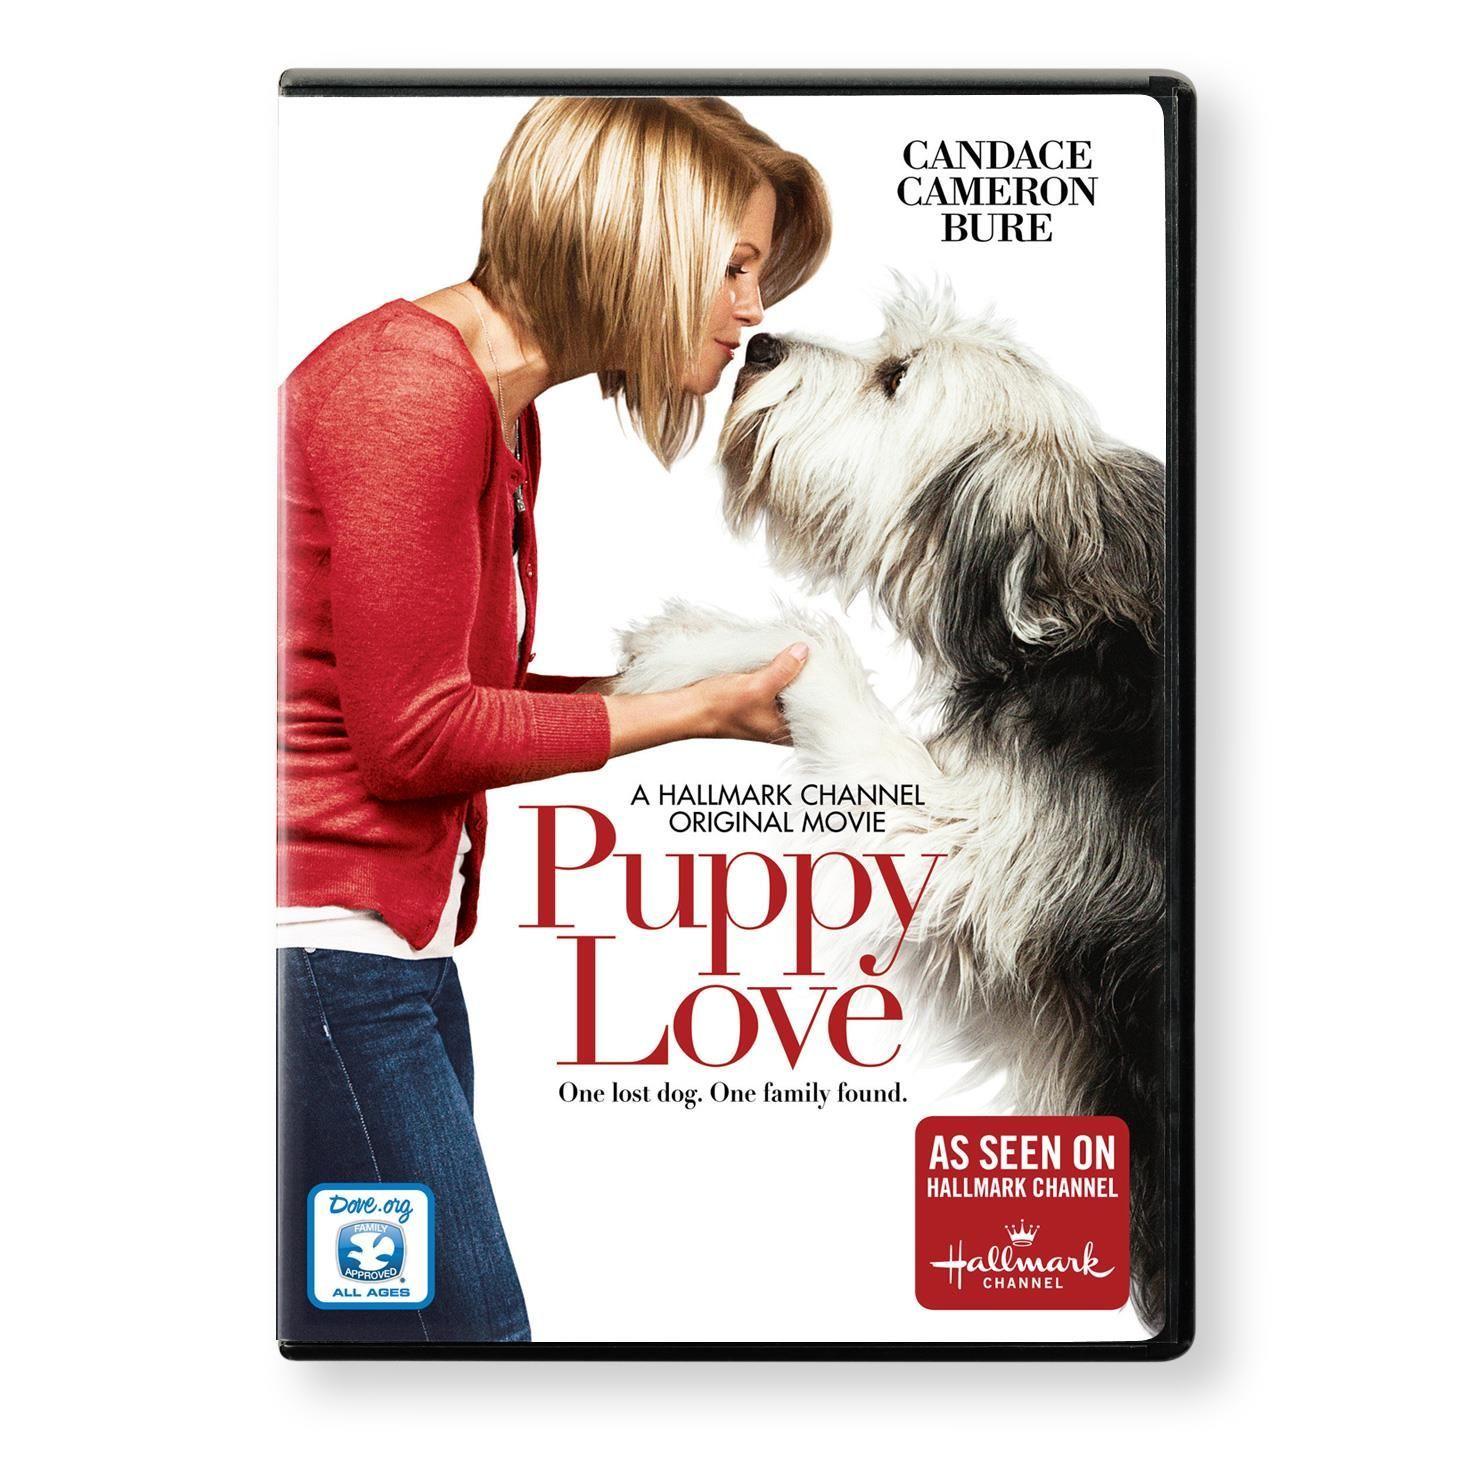 Puppy Love Hallmark Channel Movie DVD Hallmark movie